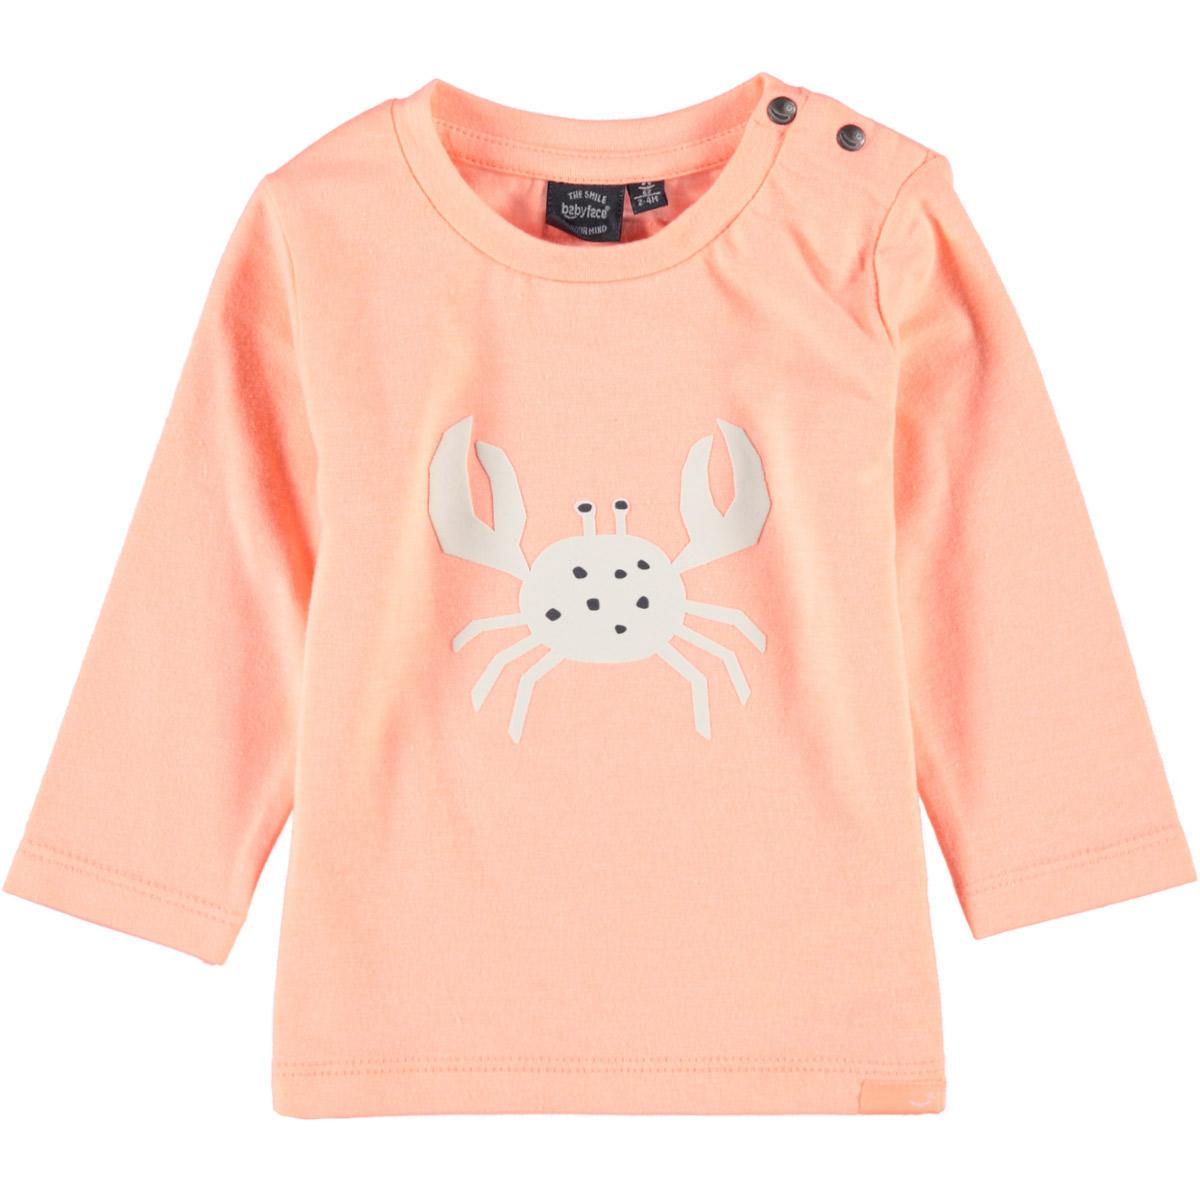 Stoere Babykleding Maat 50.Babyface Kinderkleding Bestel Je Online Bij